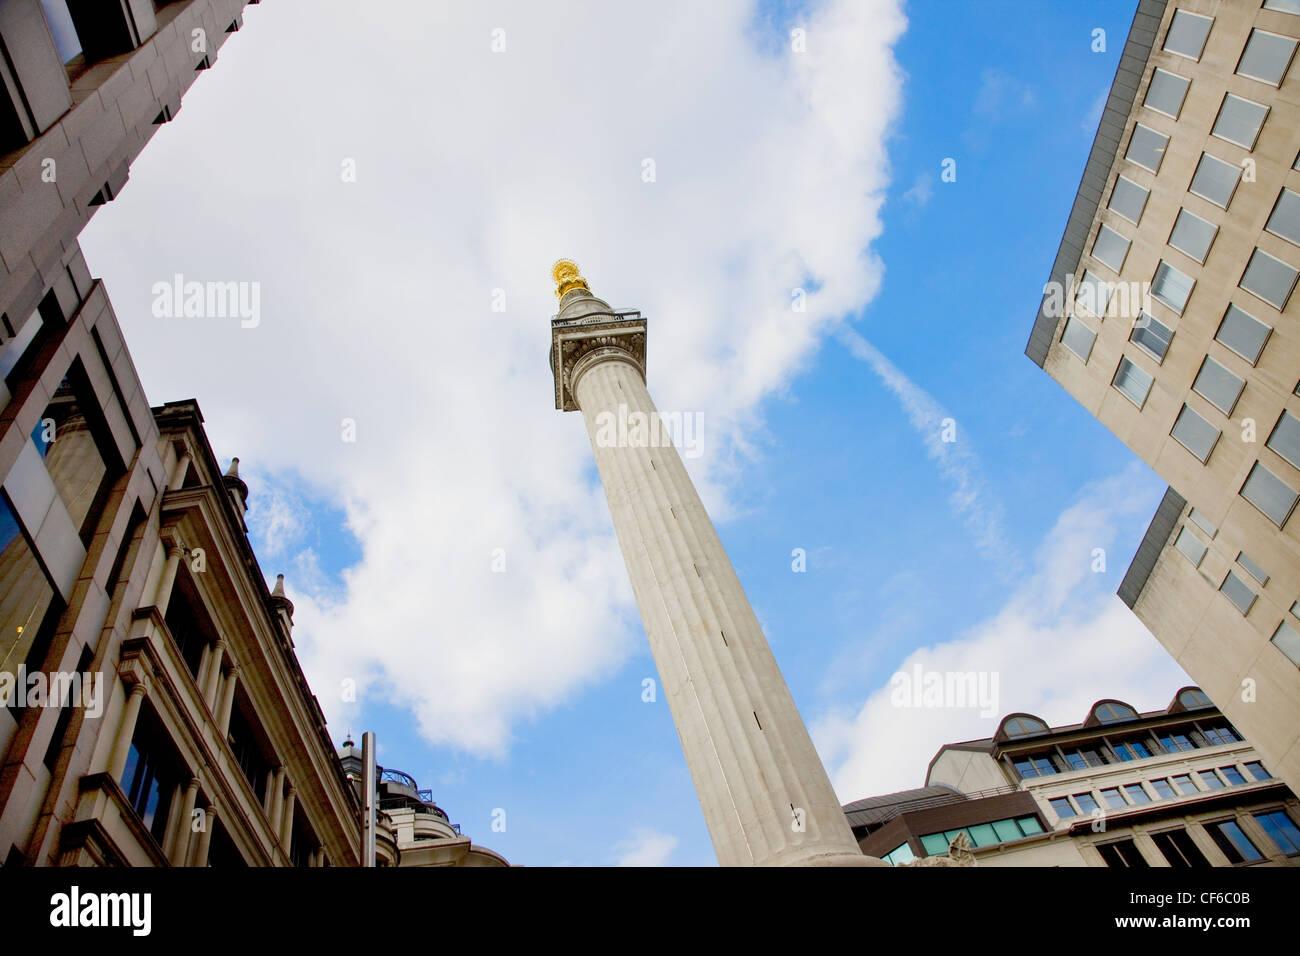 Ein Blick auf das Denkmal für den großen Brand von London in der City of London. Stockbild